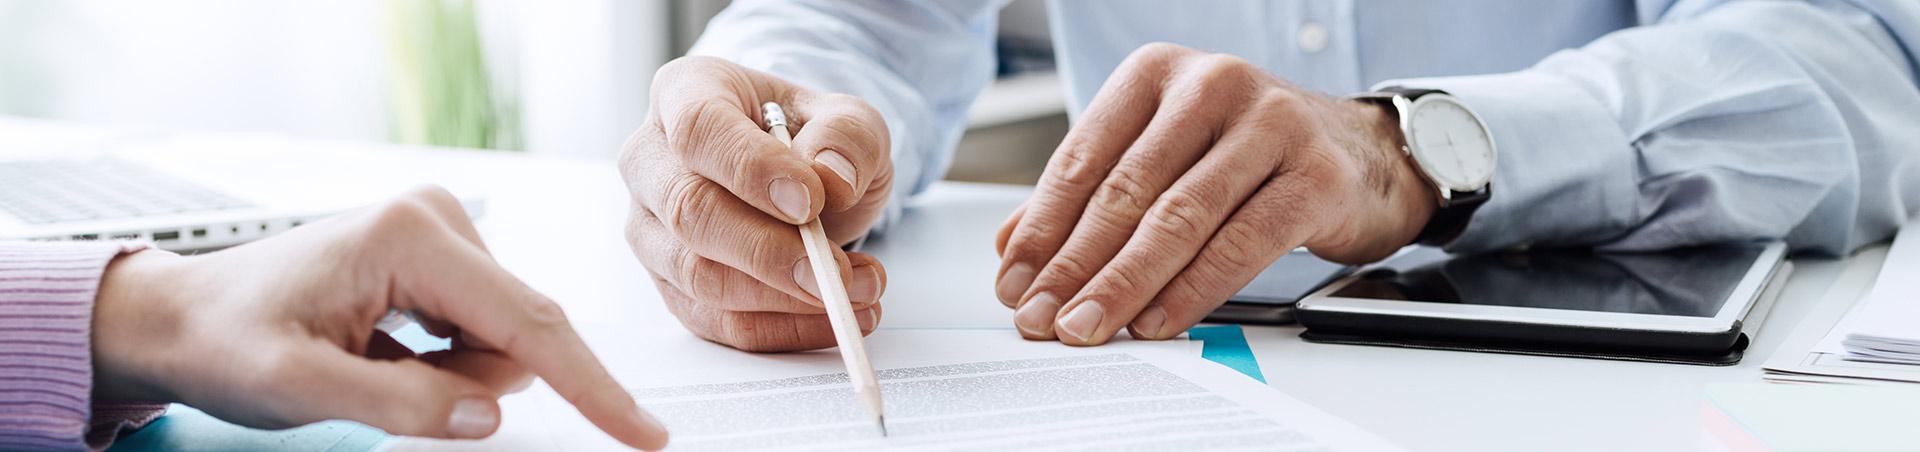 Pensioenrecht advocaat bij waardeoverdracht pensioen voor